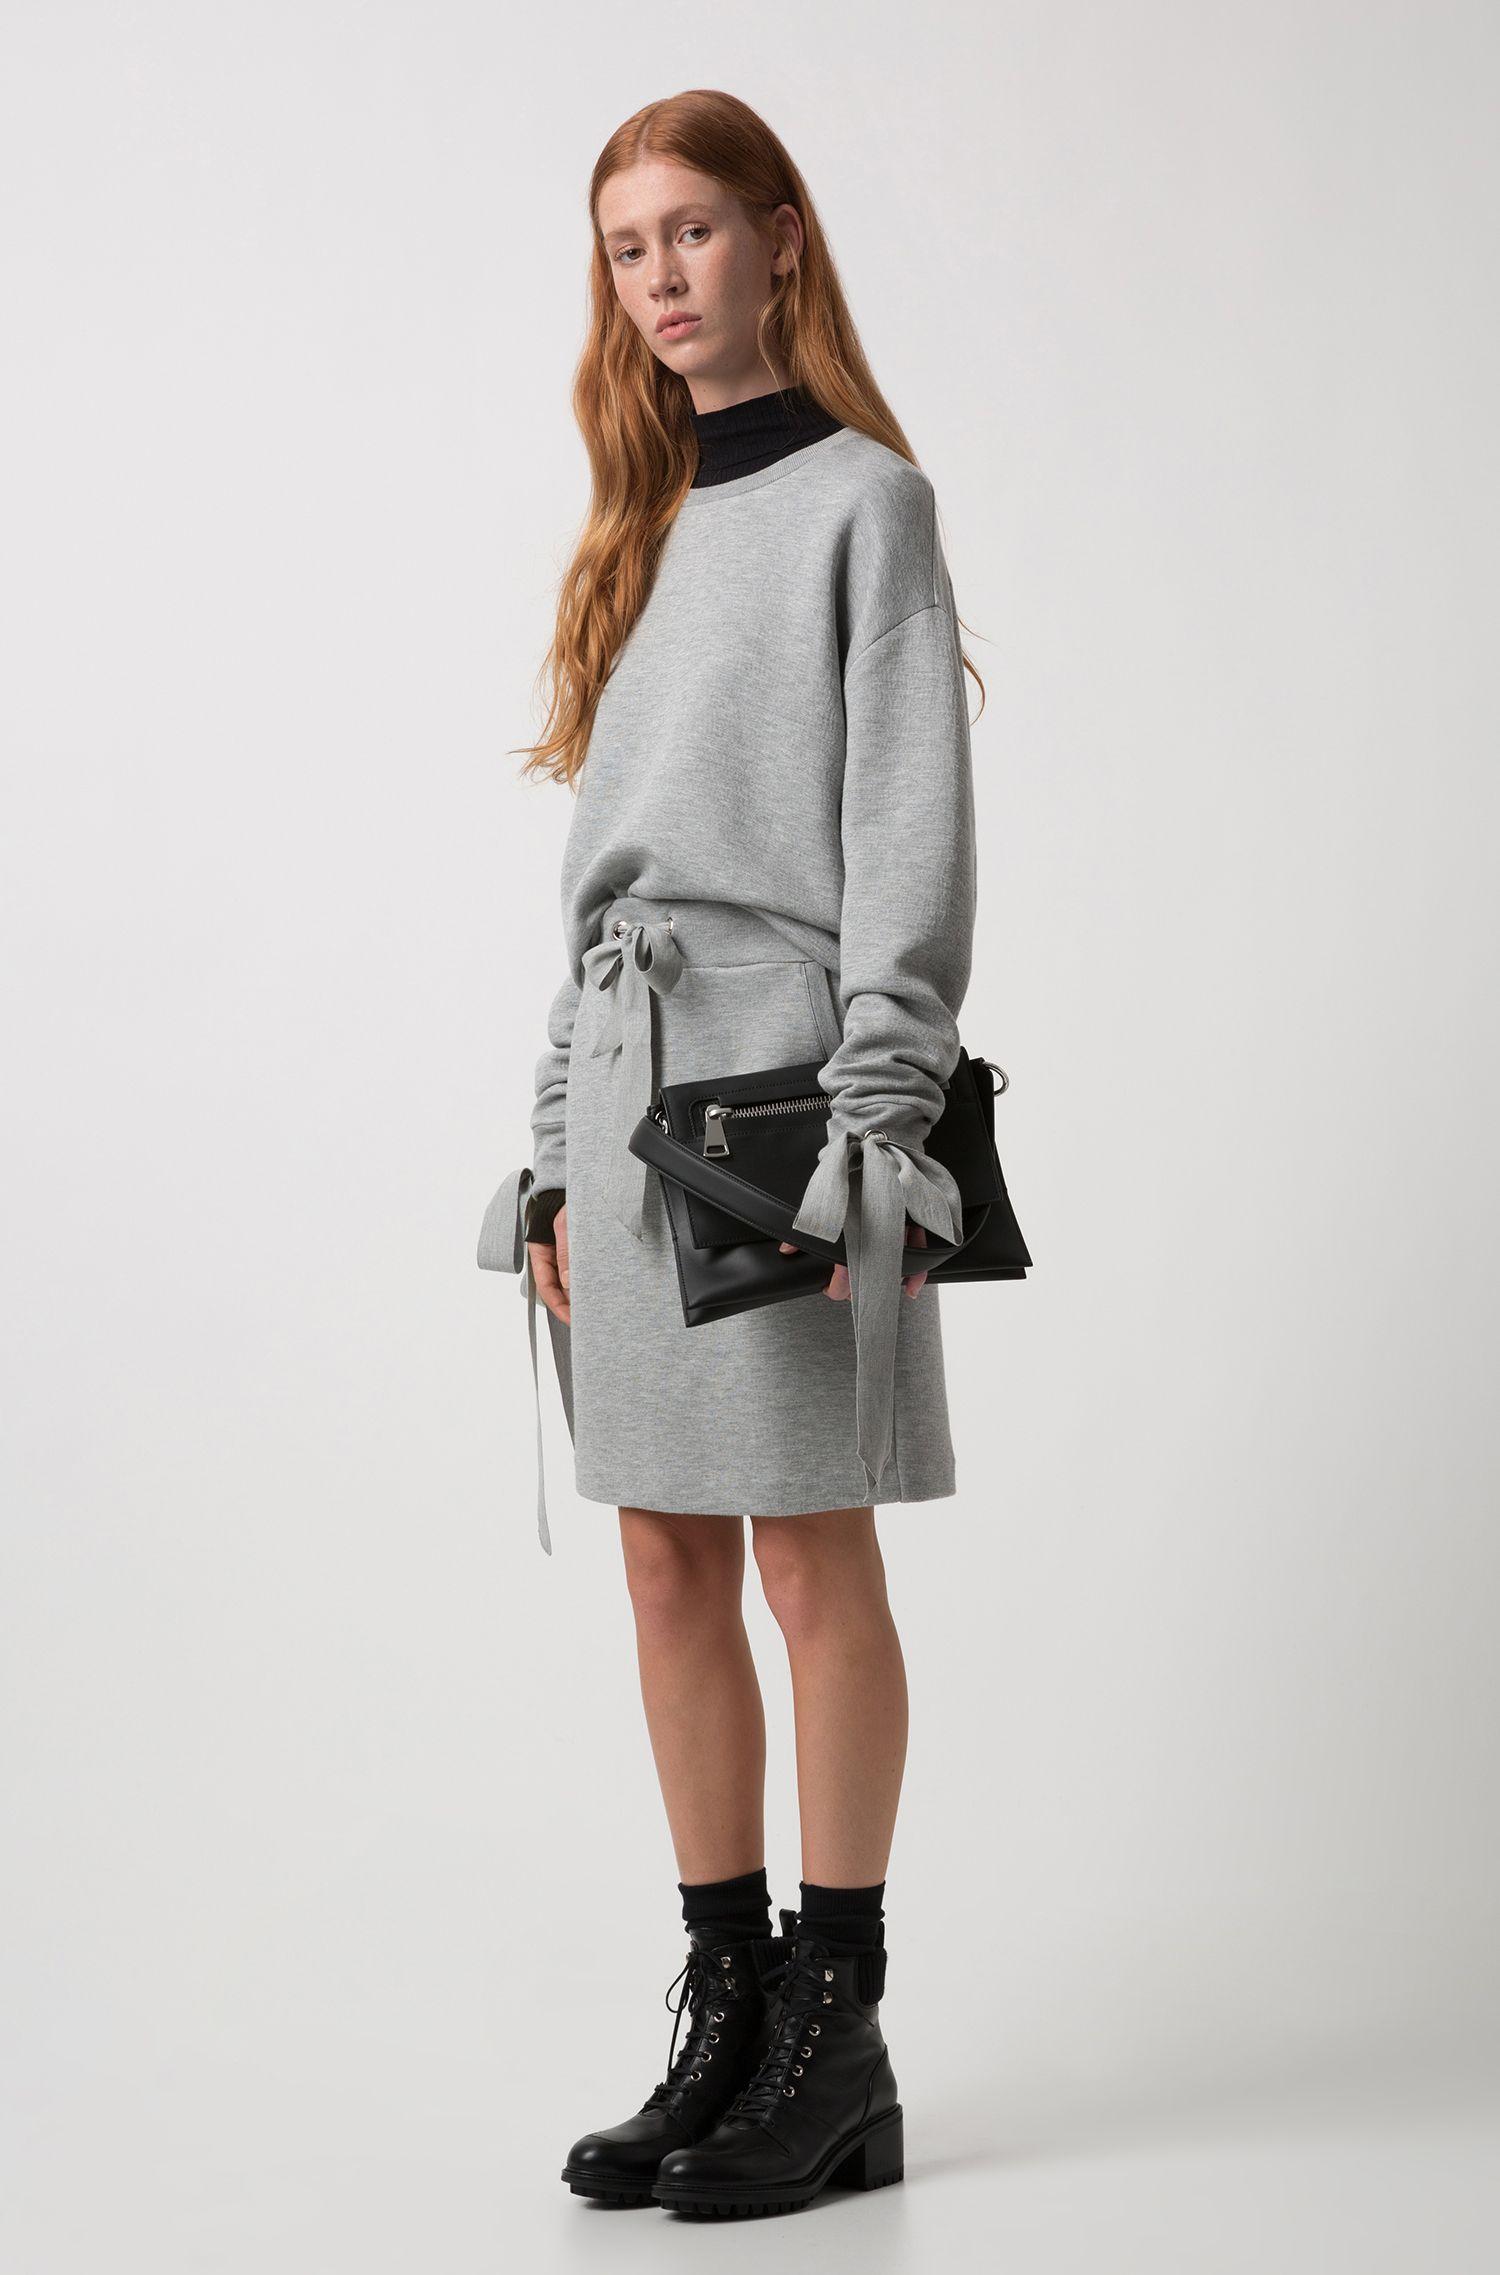 Shoulder bag in matte leather with zipper detail, Black